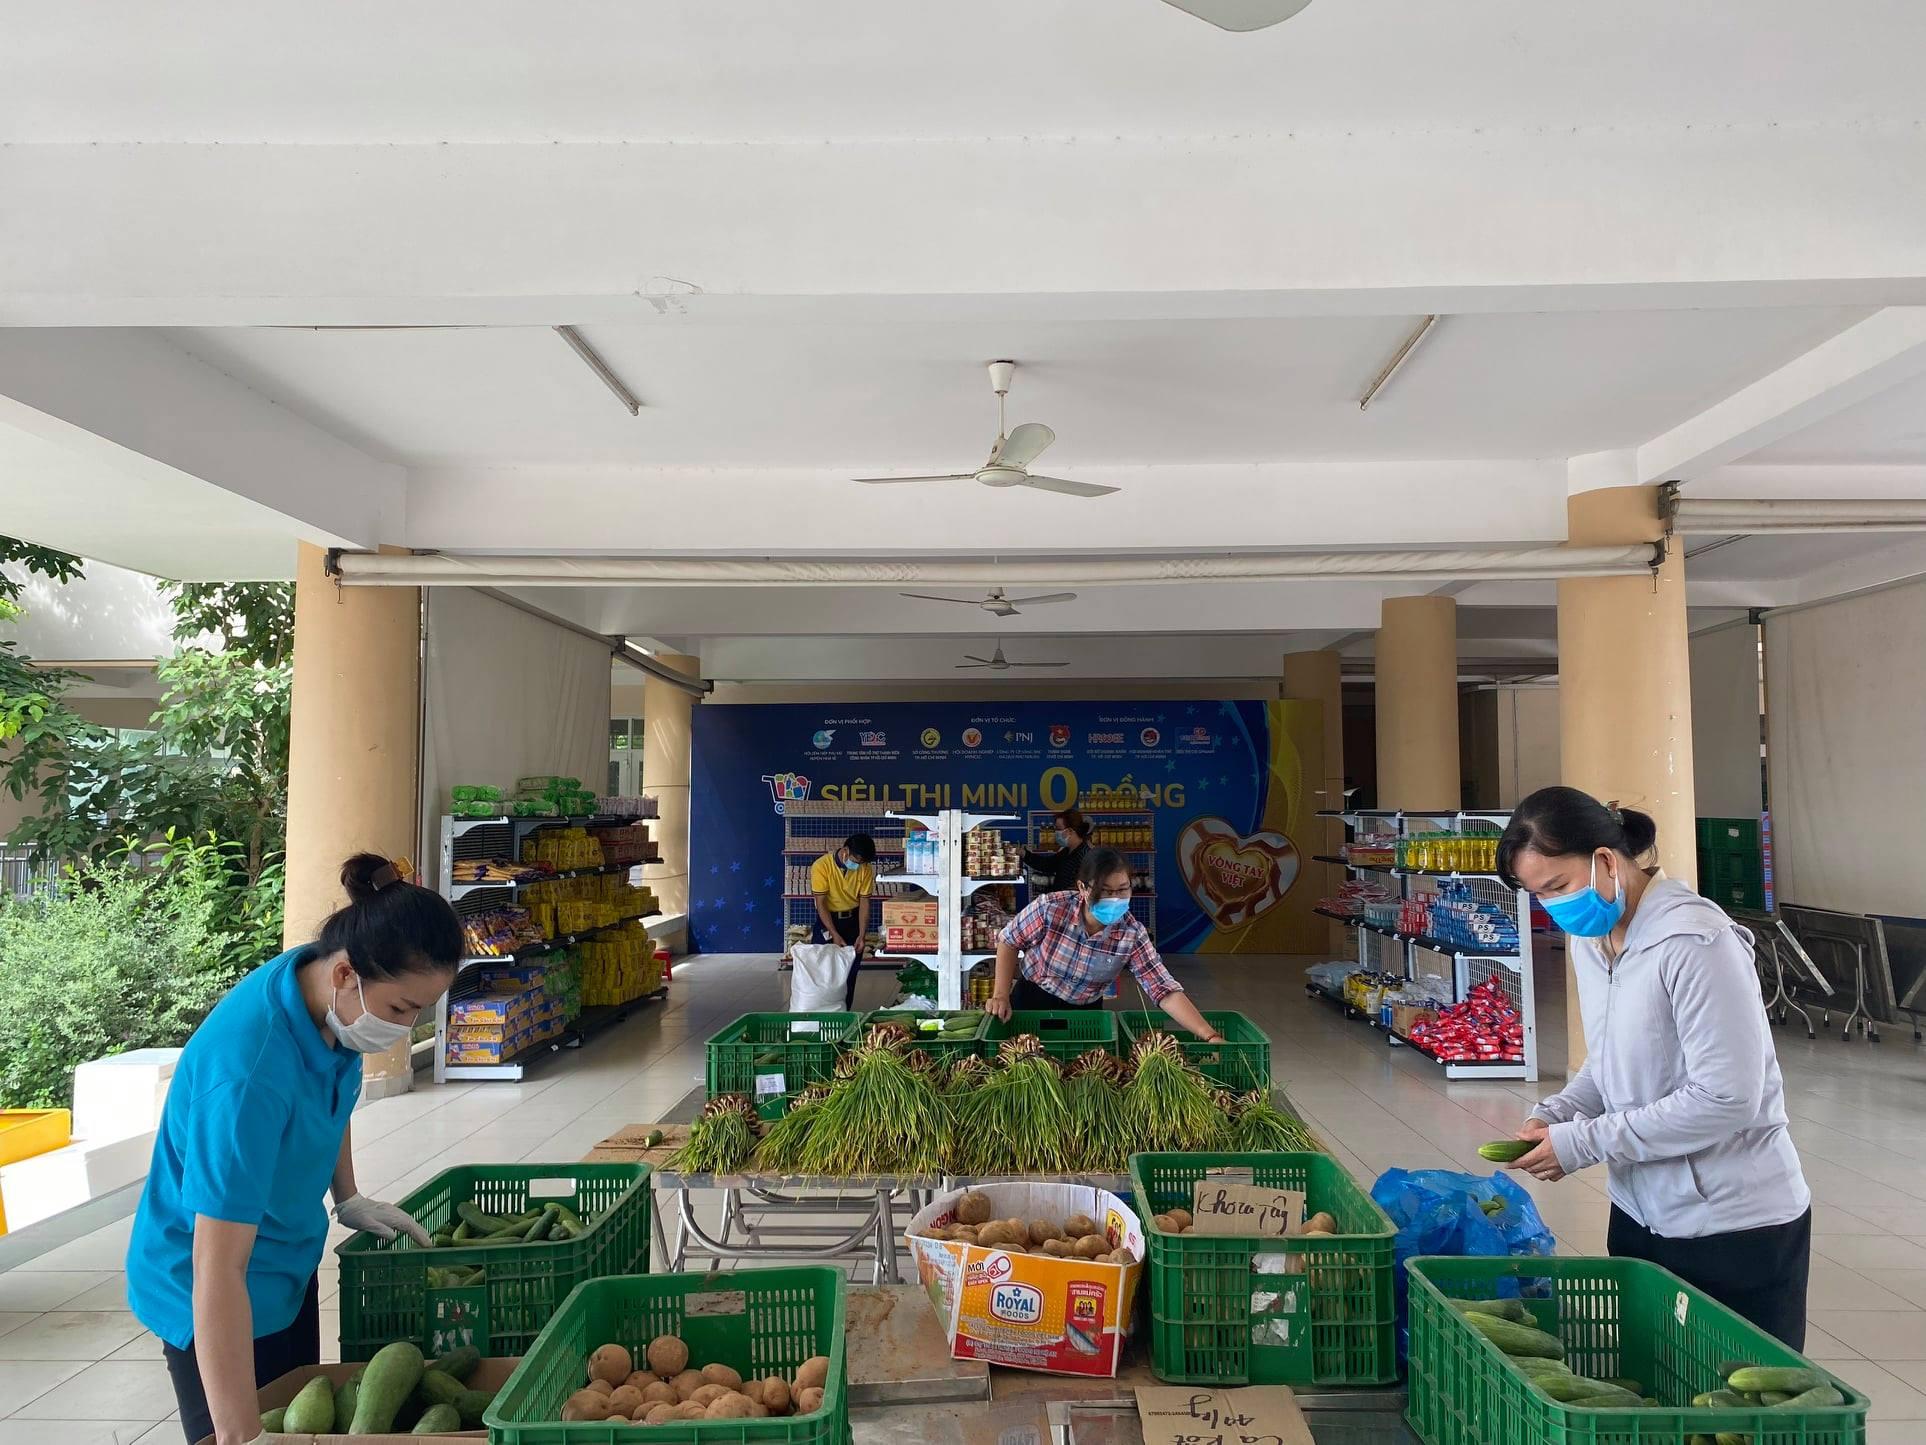 Siêu thị có các mặt hàng rau củ, hồ hộp, sữa, dầu ăn,... cho người dân tự do lựa chọn